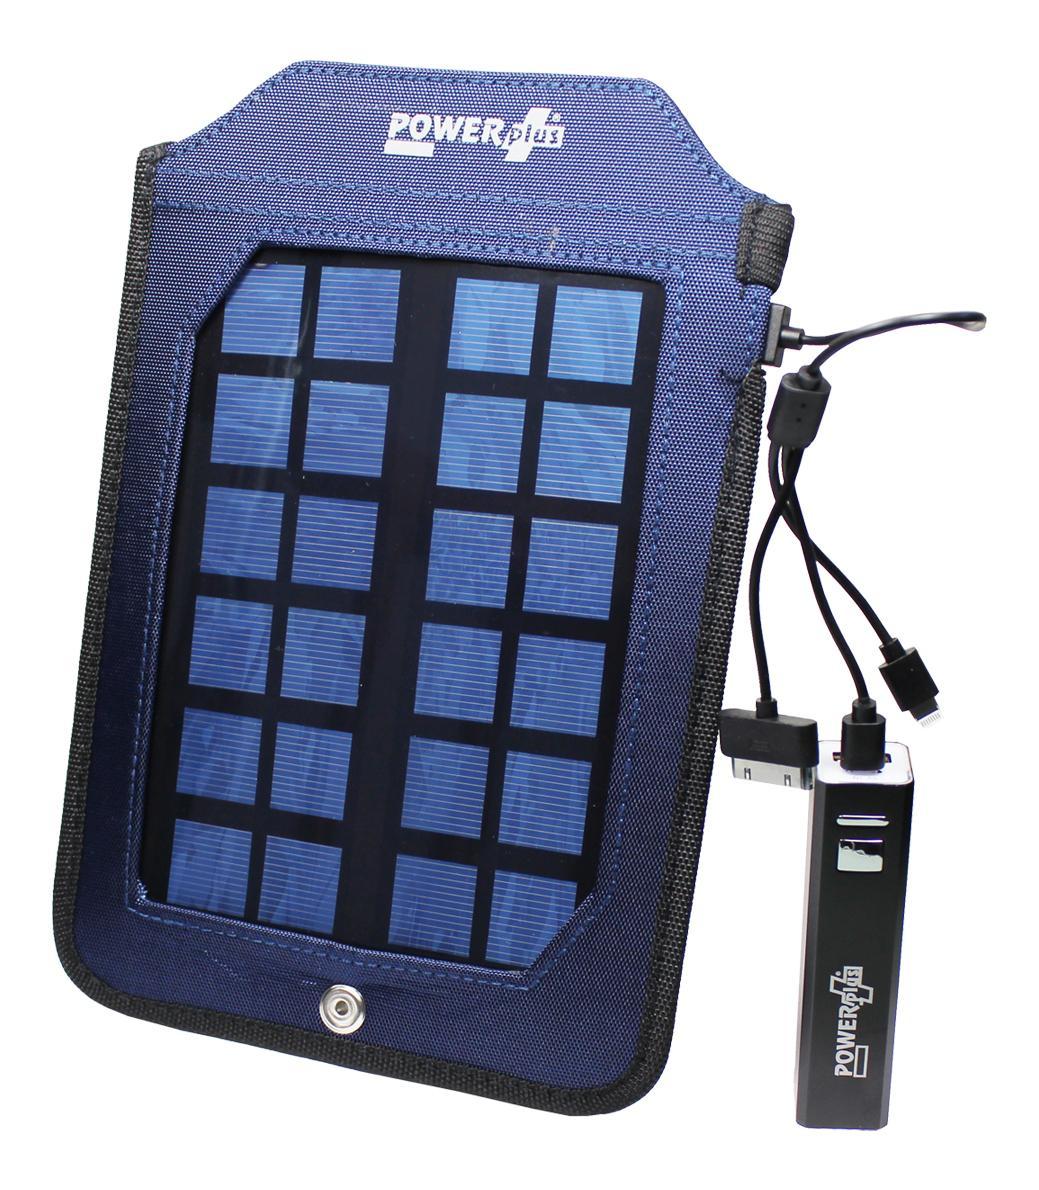 POWERplus Cobra Solar Lader-Oplader voor mobiele telefoons Powerba